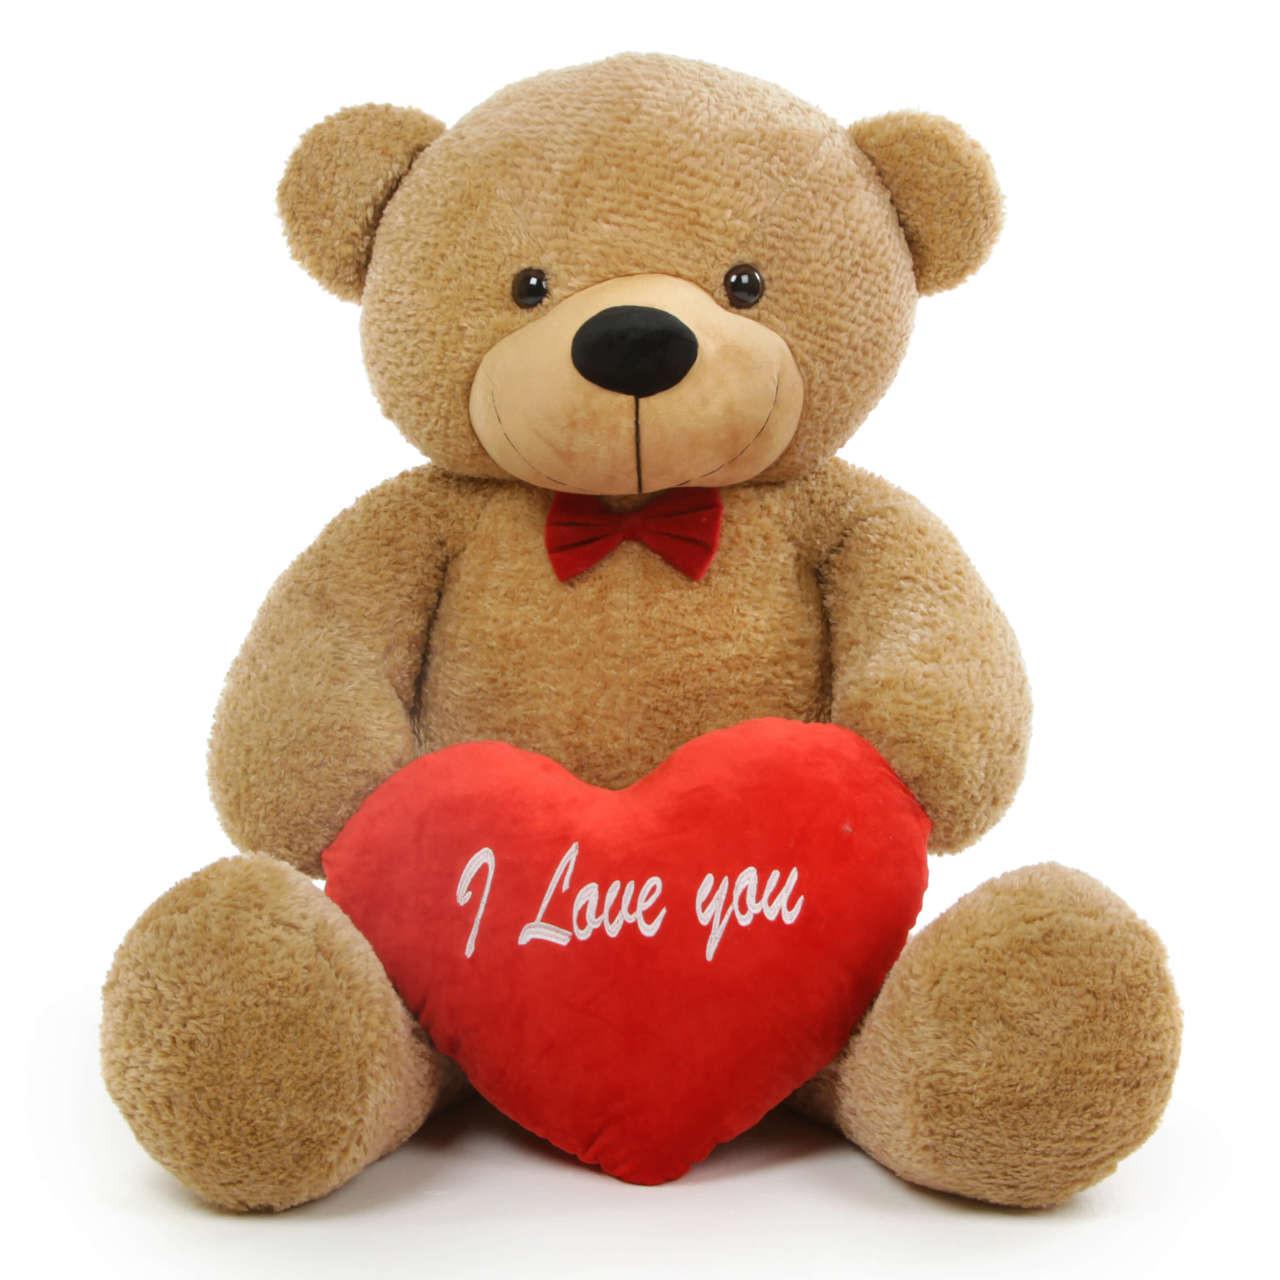 Shaggy L Cuddles 48 Amber Teddy Bear W I Love You Heart